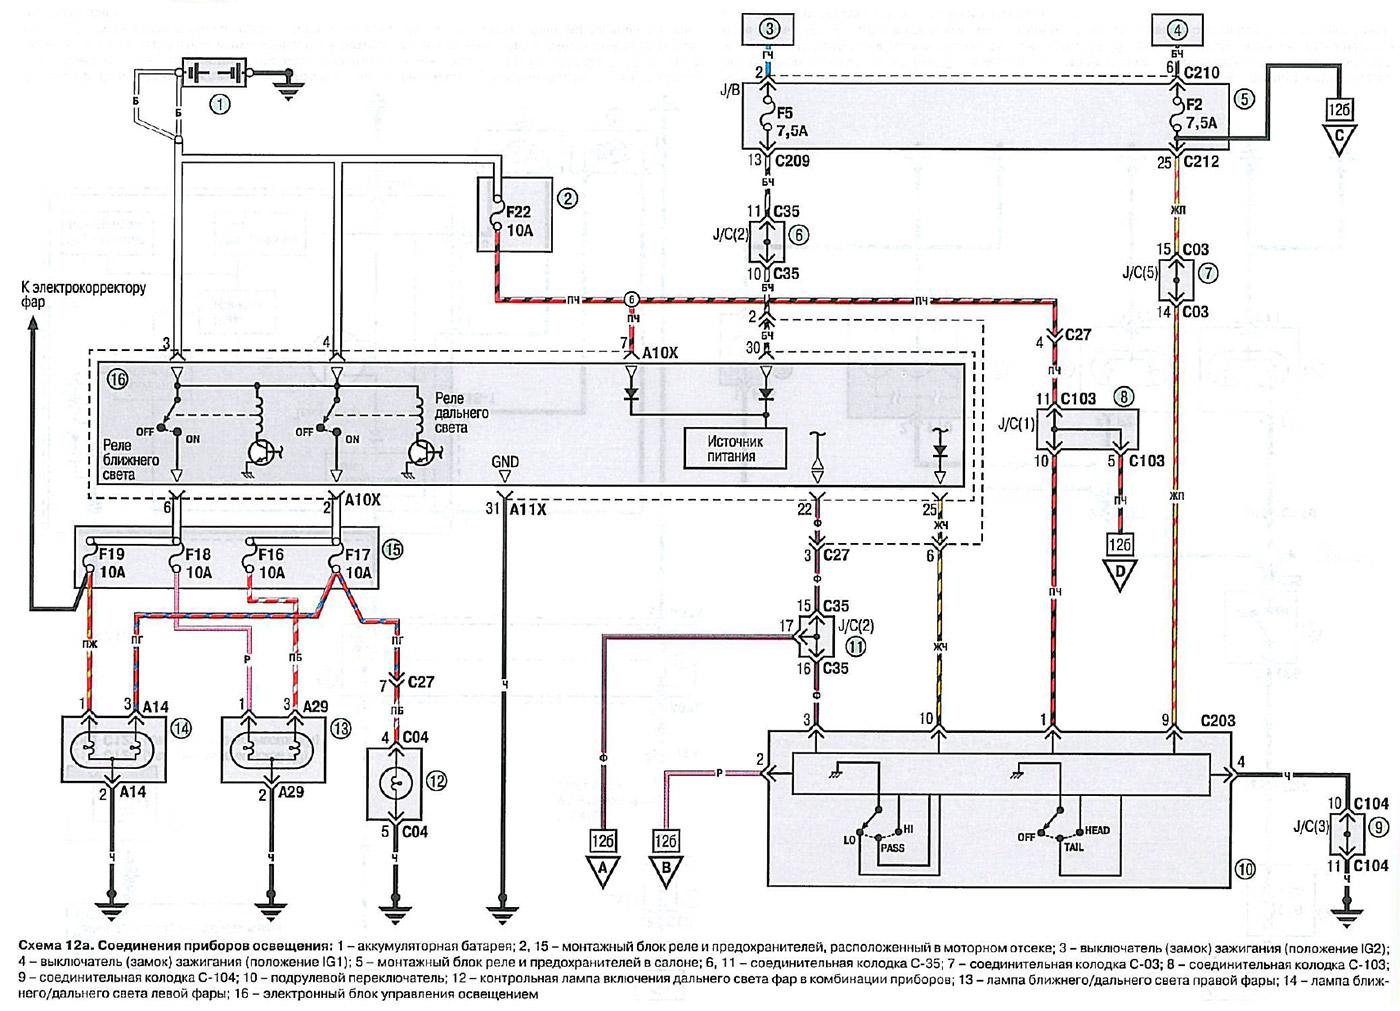 Ремень генератора лансер 10 схема фото 220